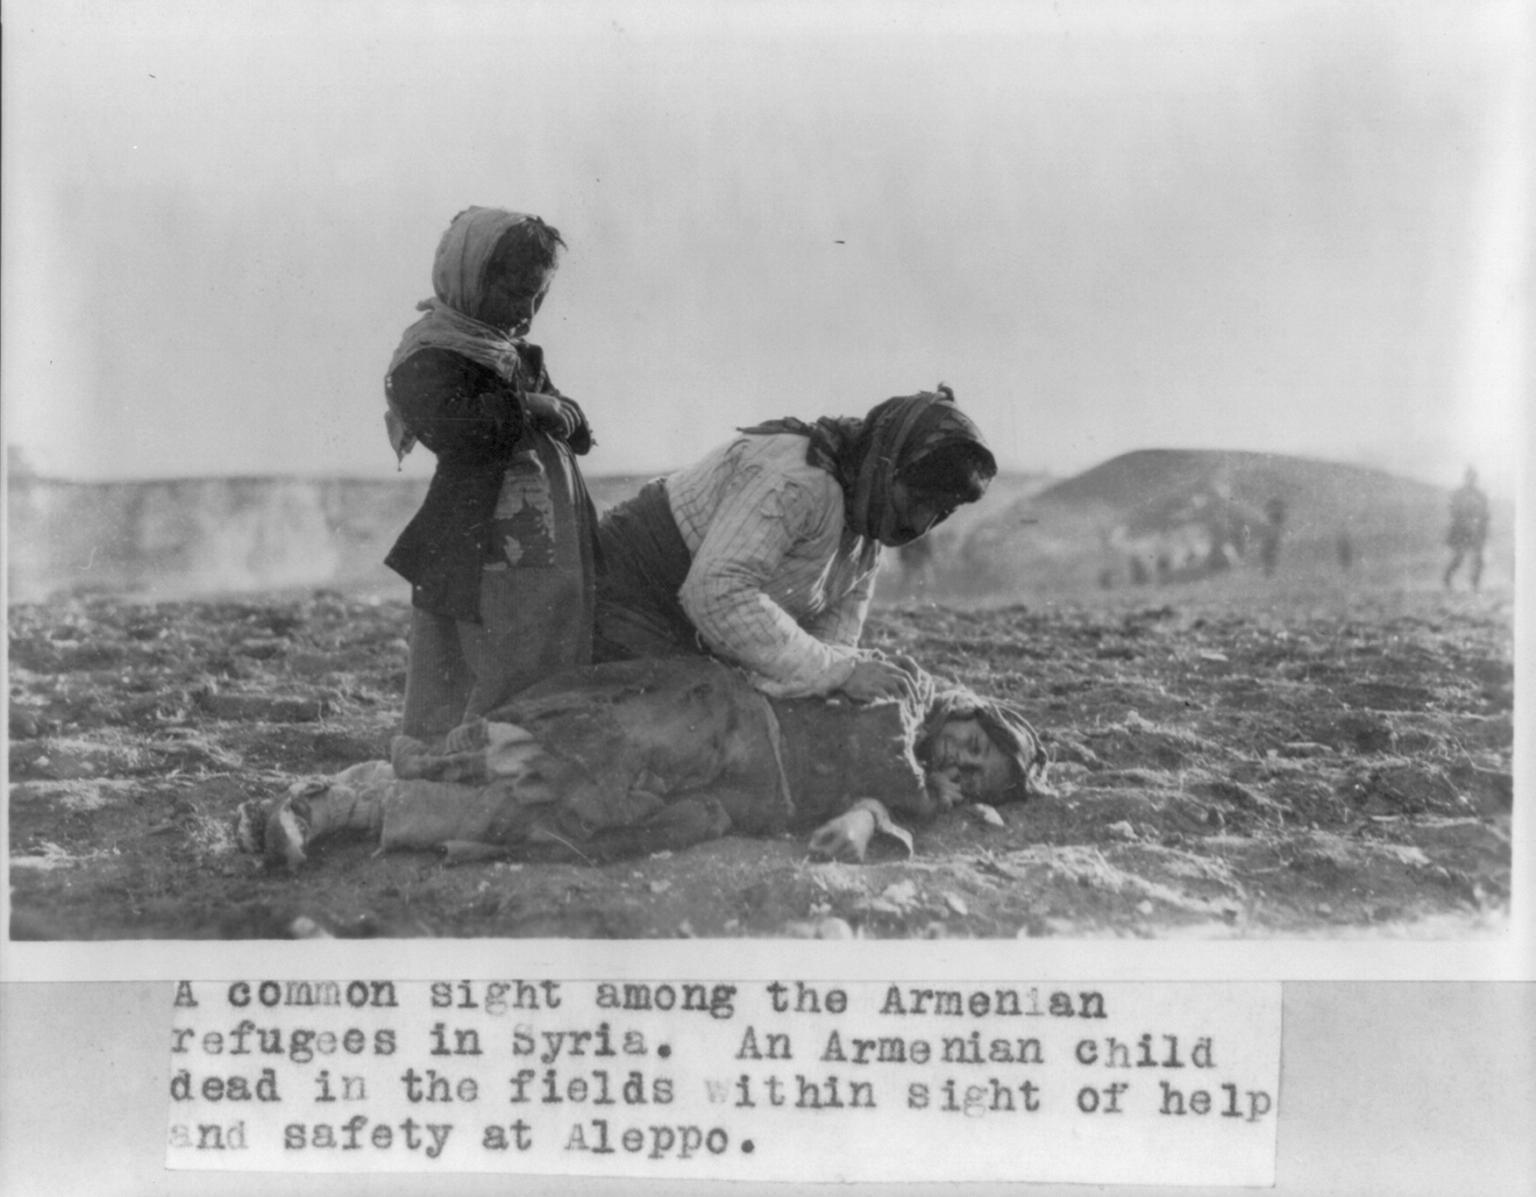 106° aniversario del Genocidio Armenio